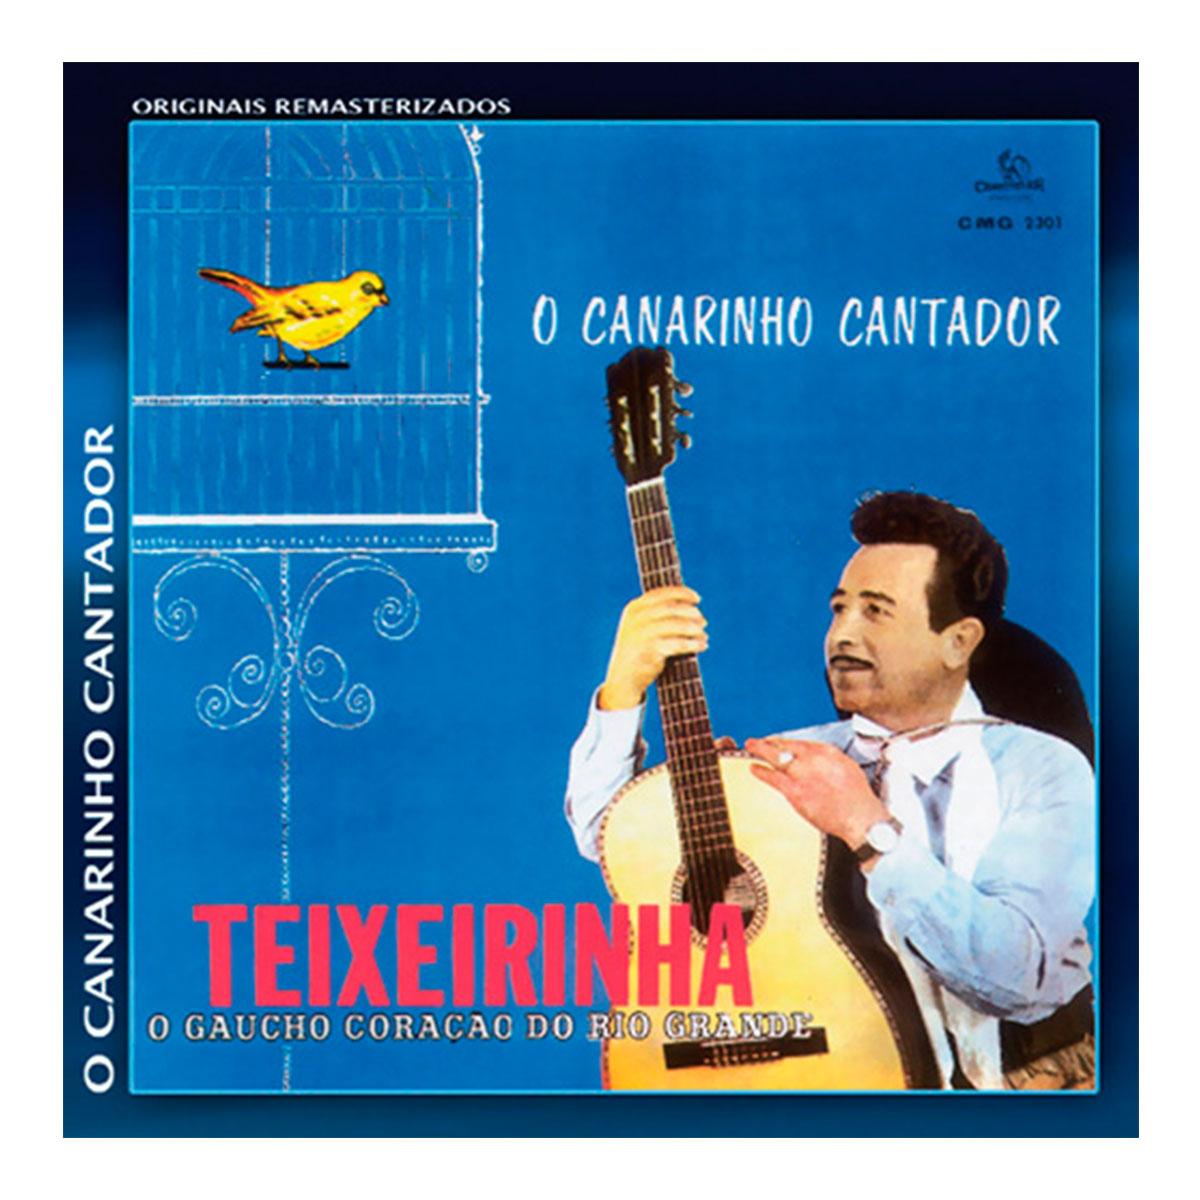 CD Teixeirinha O Canarinho Cantador